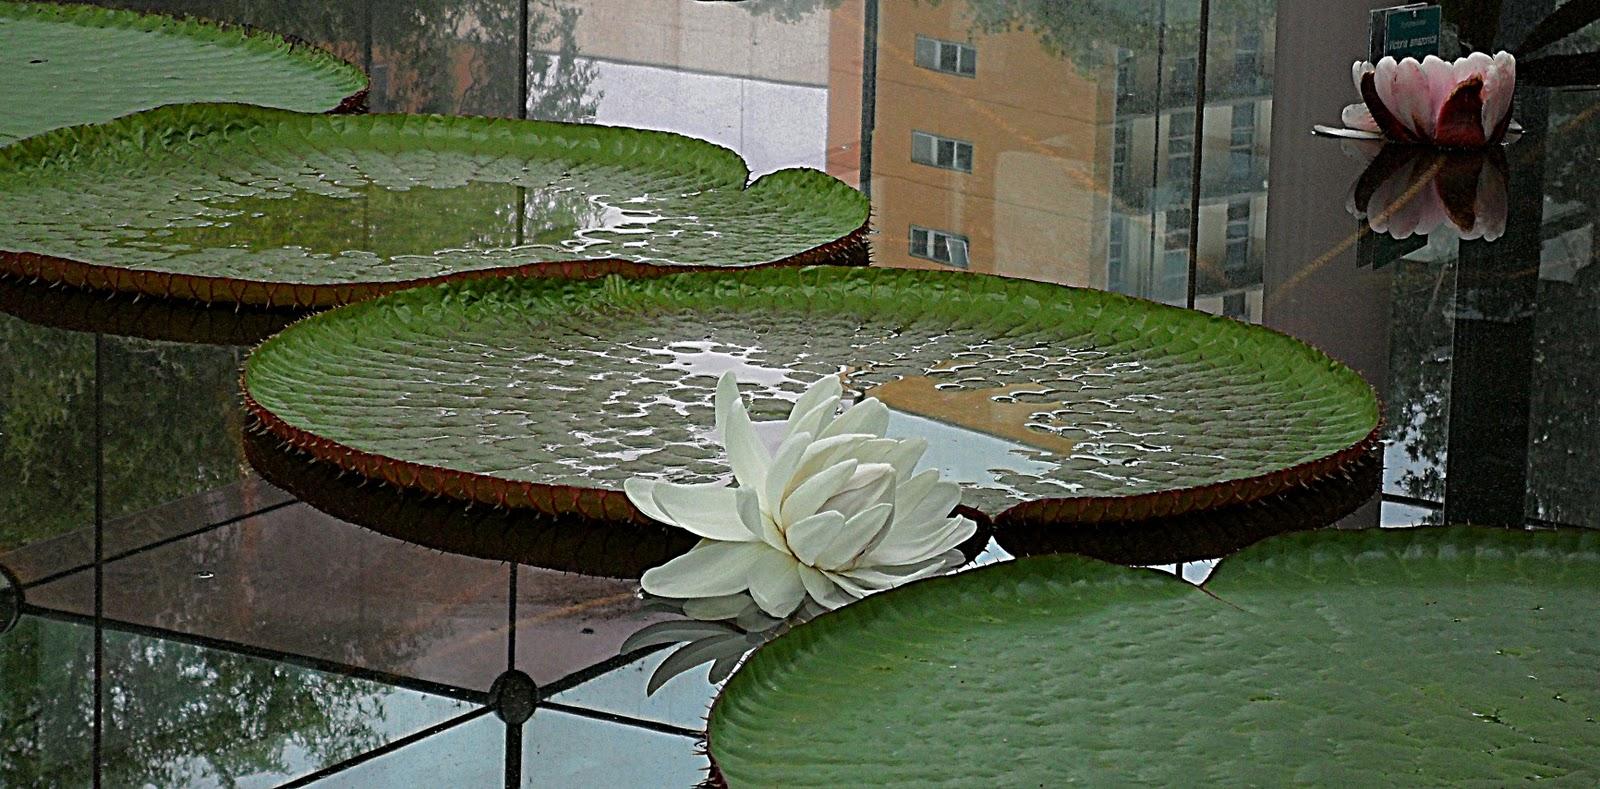 http://3.bp.blogspot.com/-zHb5QIH7vLs/TvqE-FMHqYI/AAAAAAAAAQM/p13w5W4qA8k/s1600/20111211_19.JPG Giant Amazon Water Lily